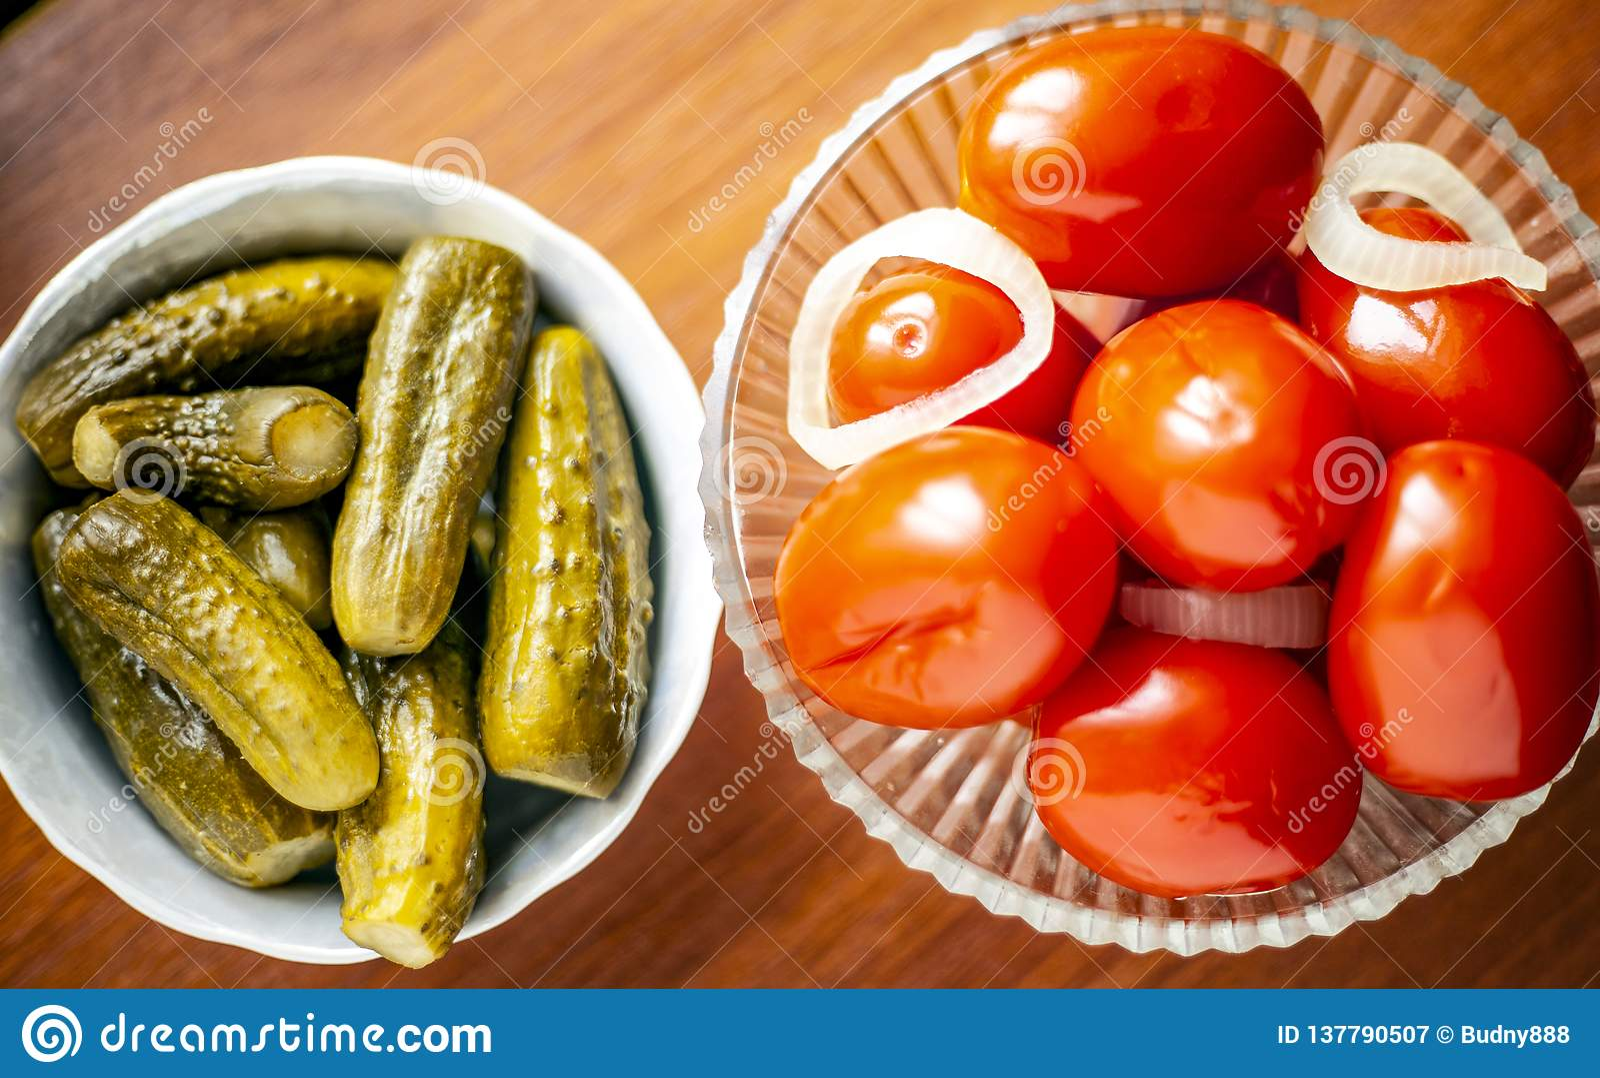 Tomates conservados en vinagre y pepinos conservados en vinagre